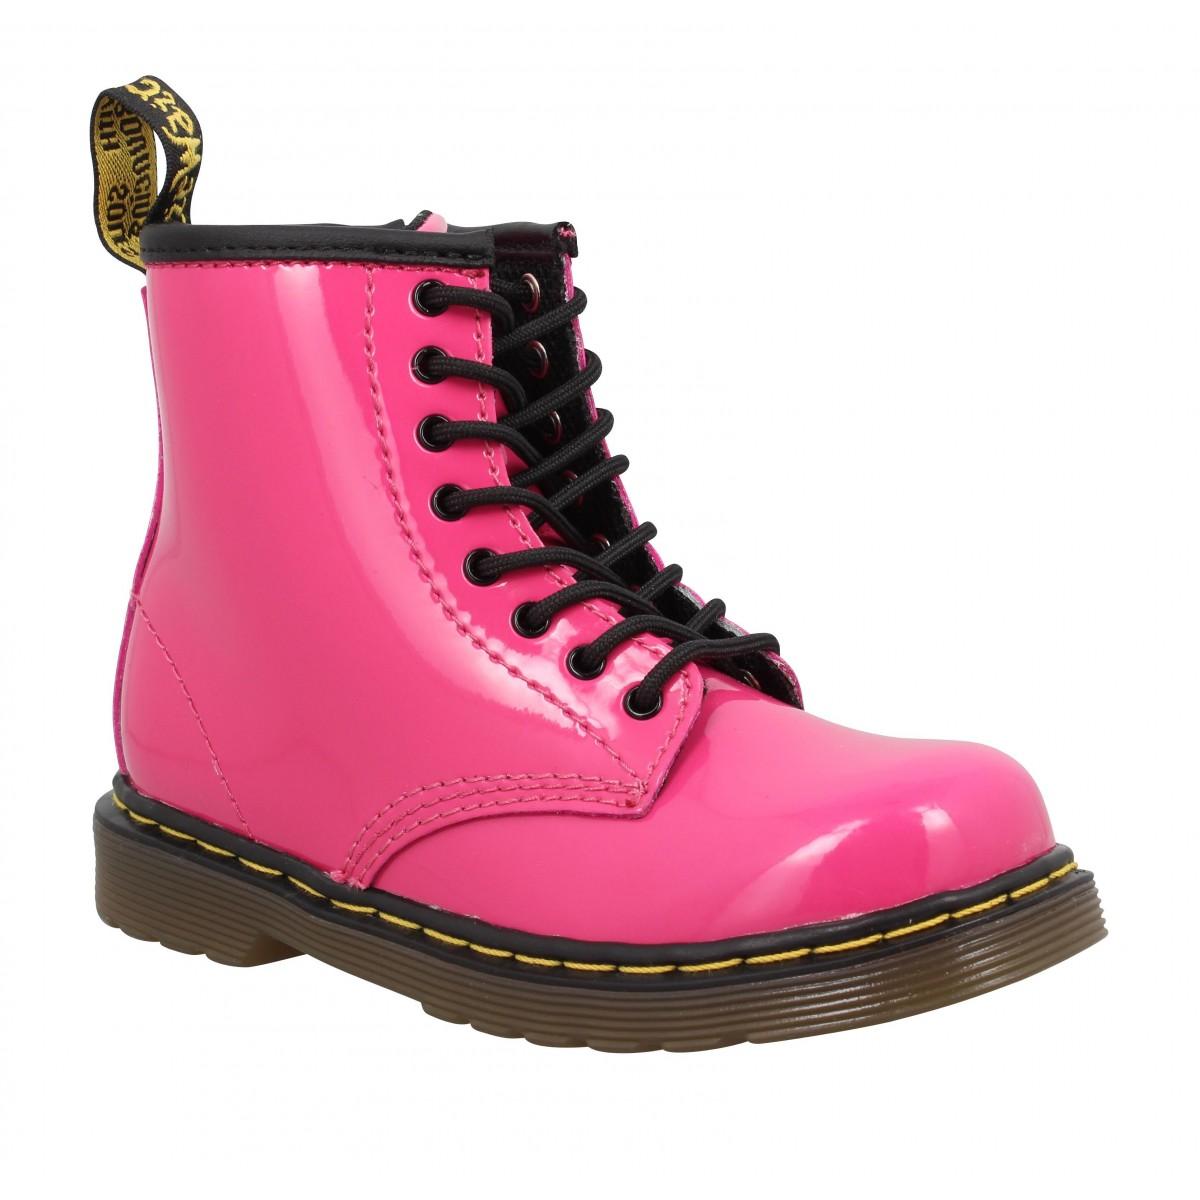 3a32431bd0d69 Bottines Dr MARTENS Brooklee vernis Enfant Pink